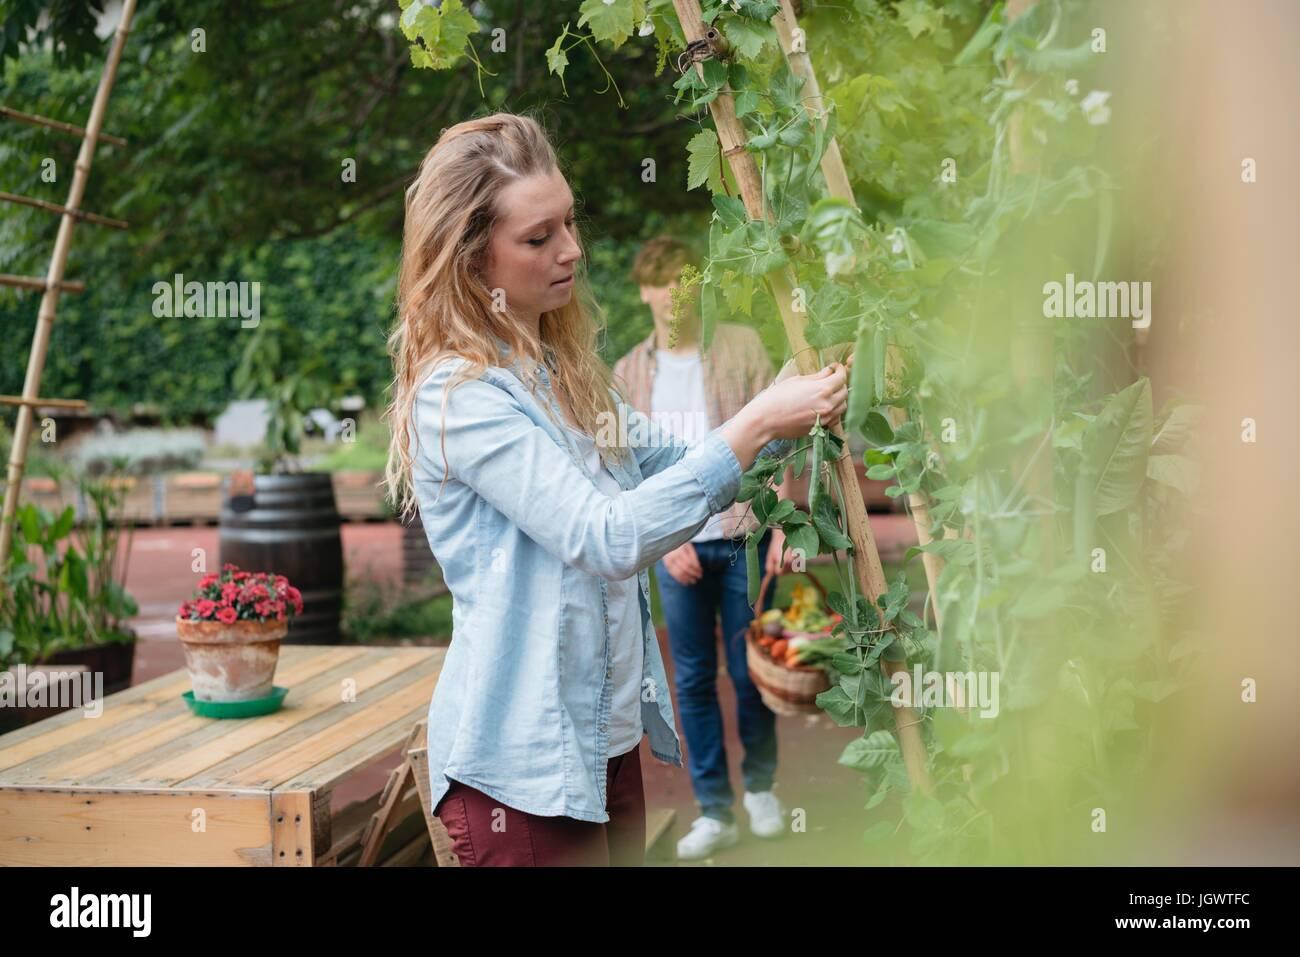 Giovane donna in giardino urbano, avvolgendo la coltivazione di piante intorno a canne di legno Immagini Stock